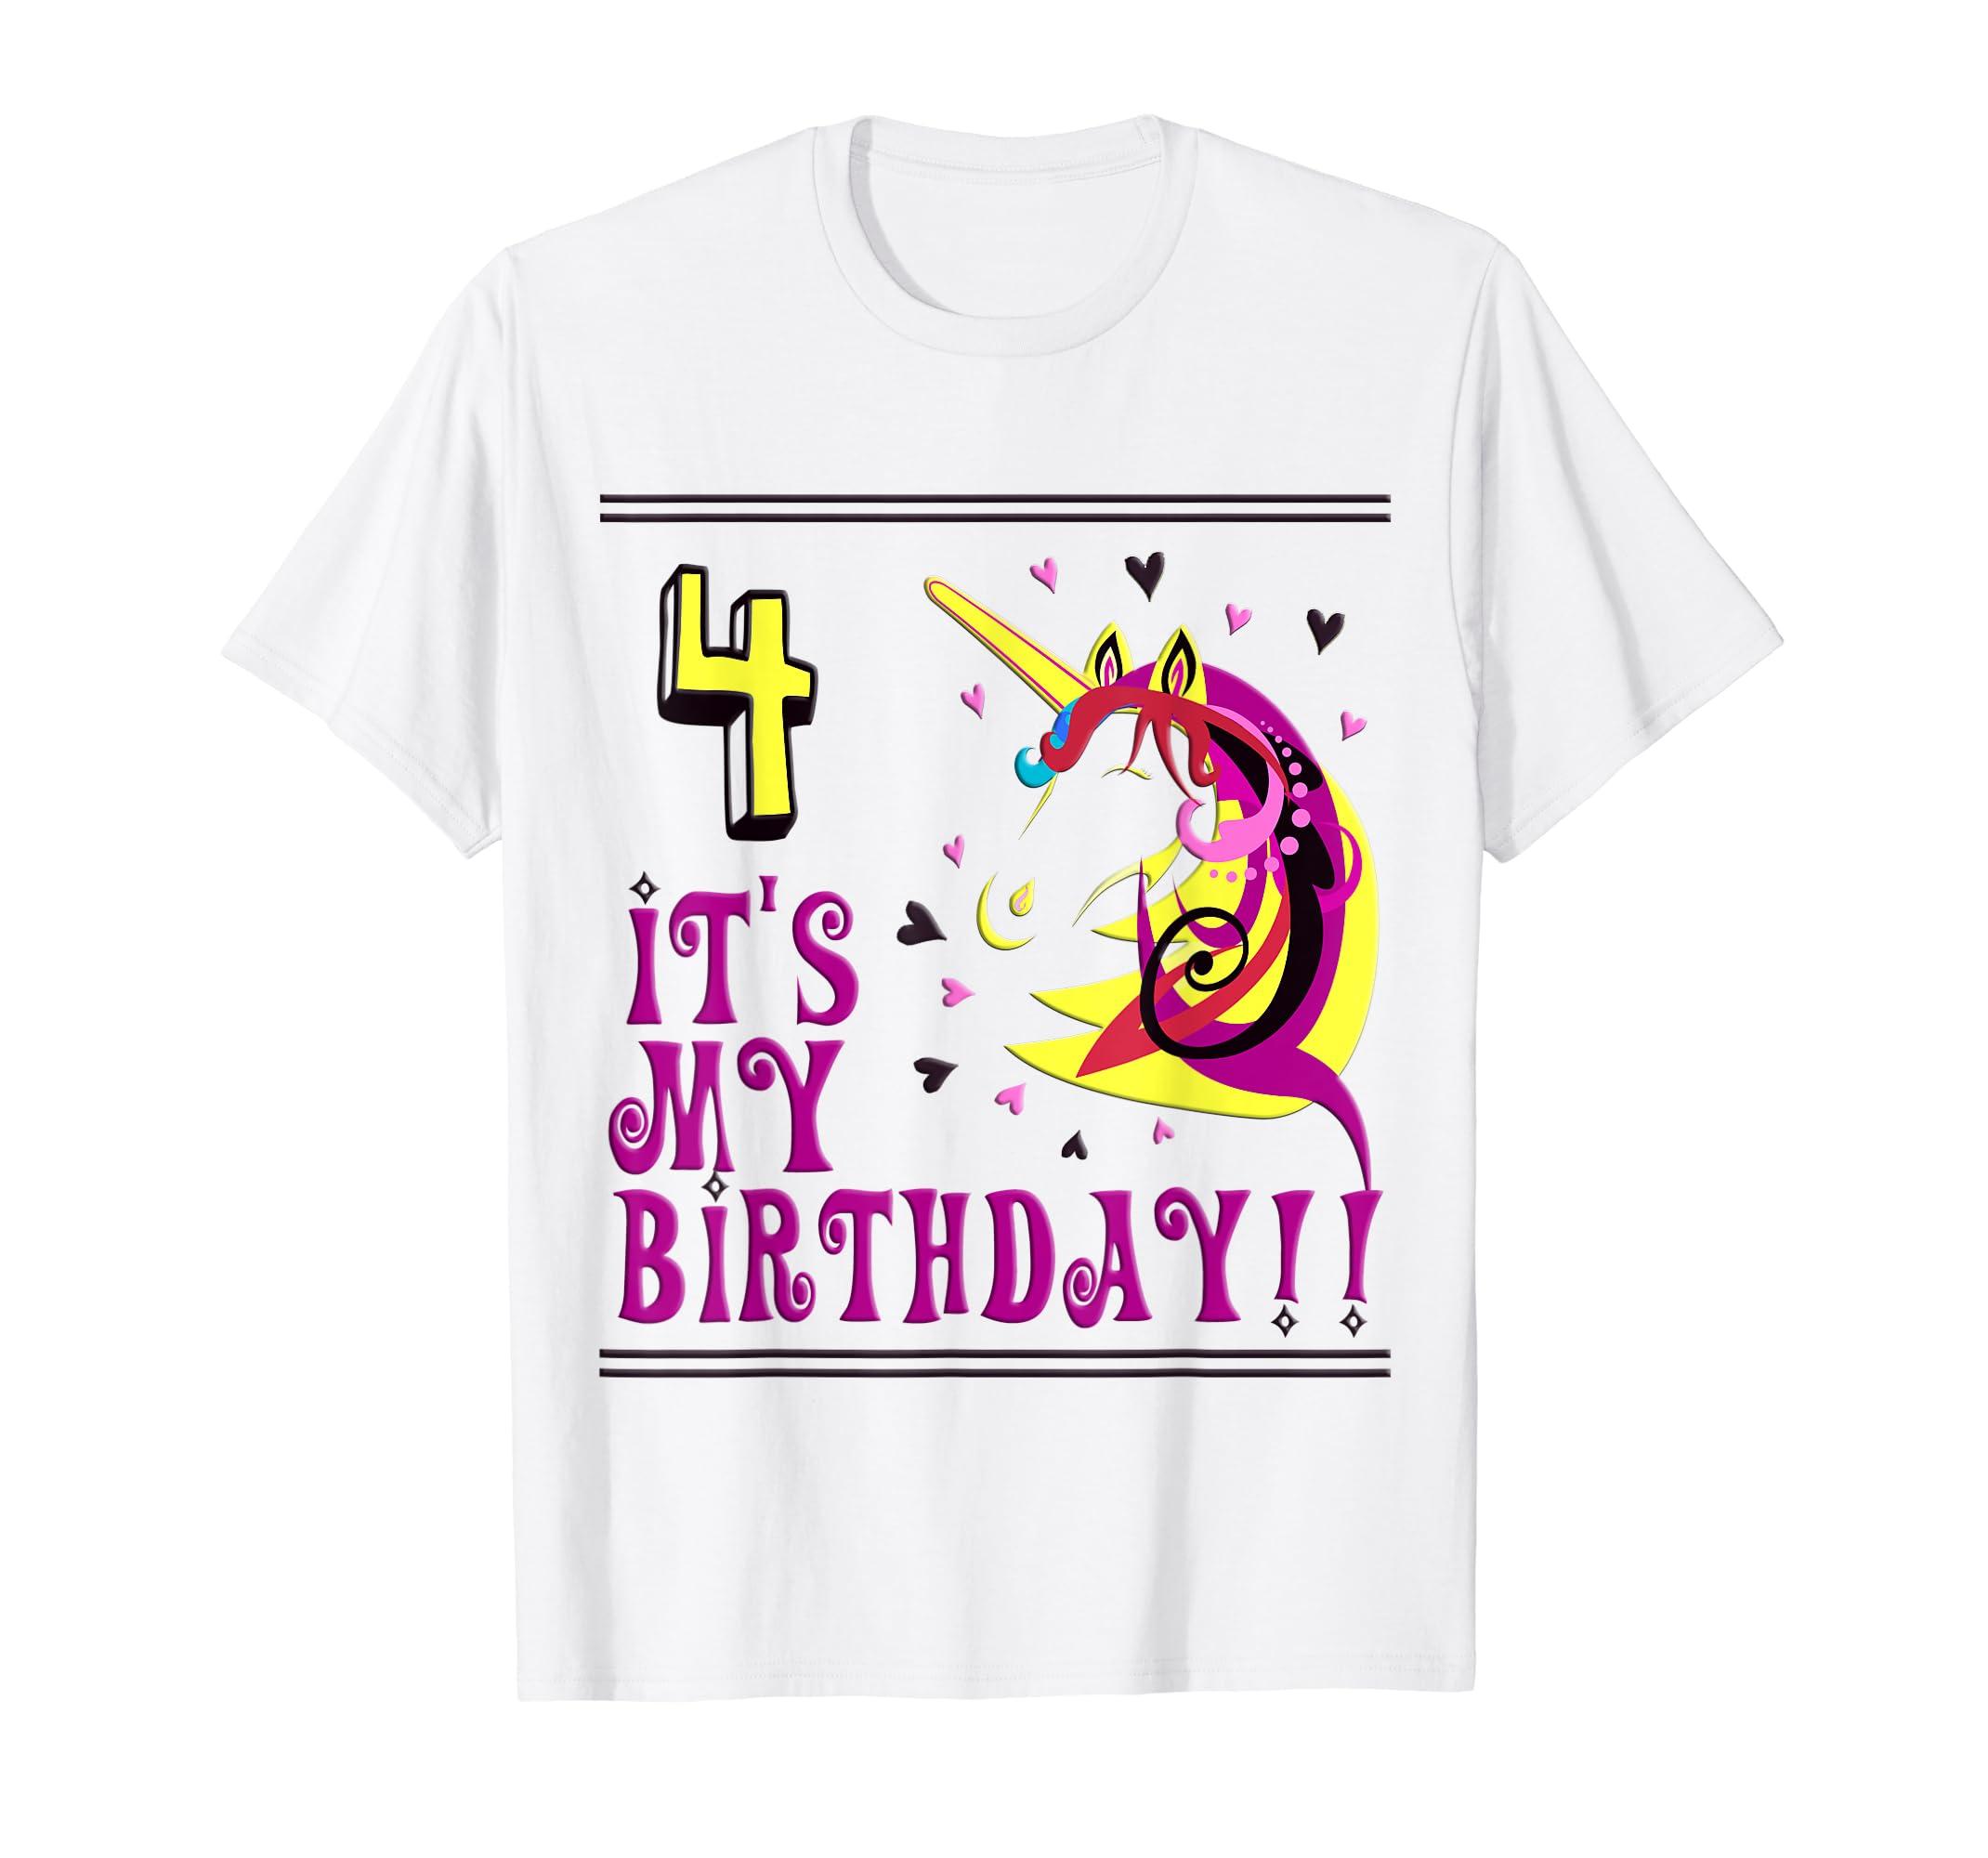 Amazon 4th Birthday Shirts Four Unicorn Shirt Bday Clothing